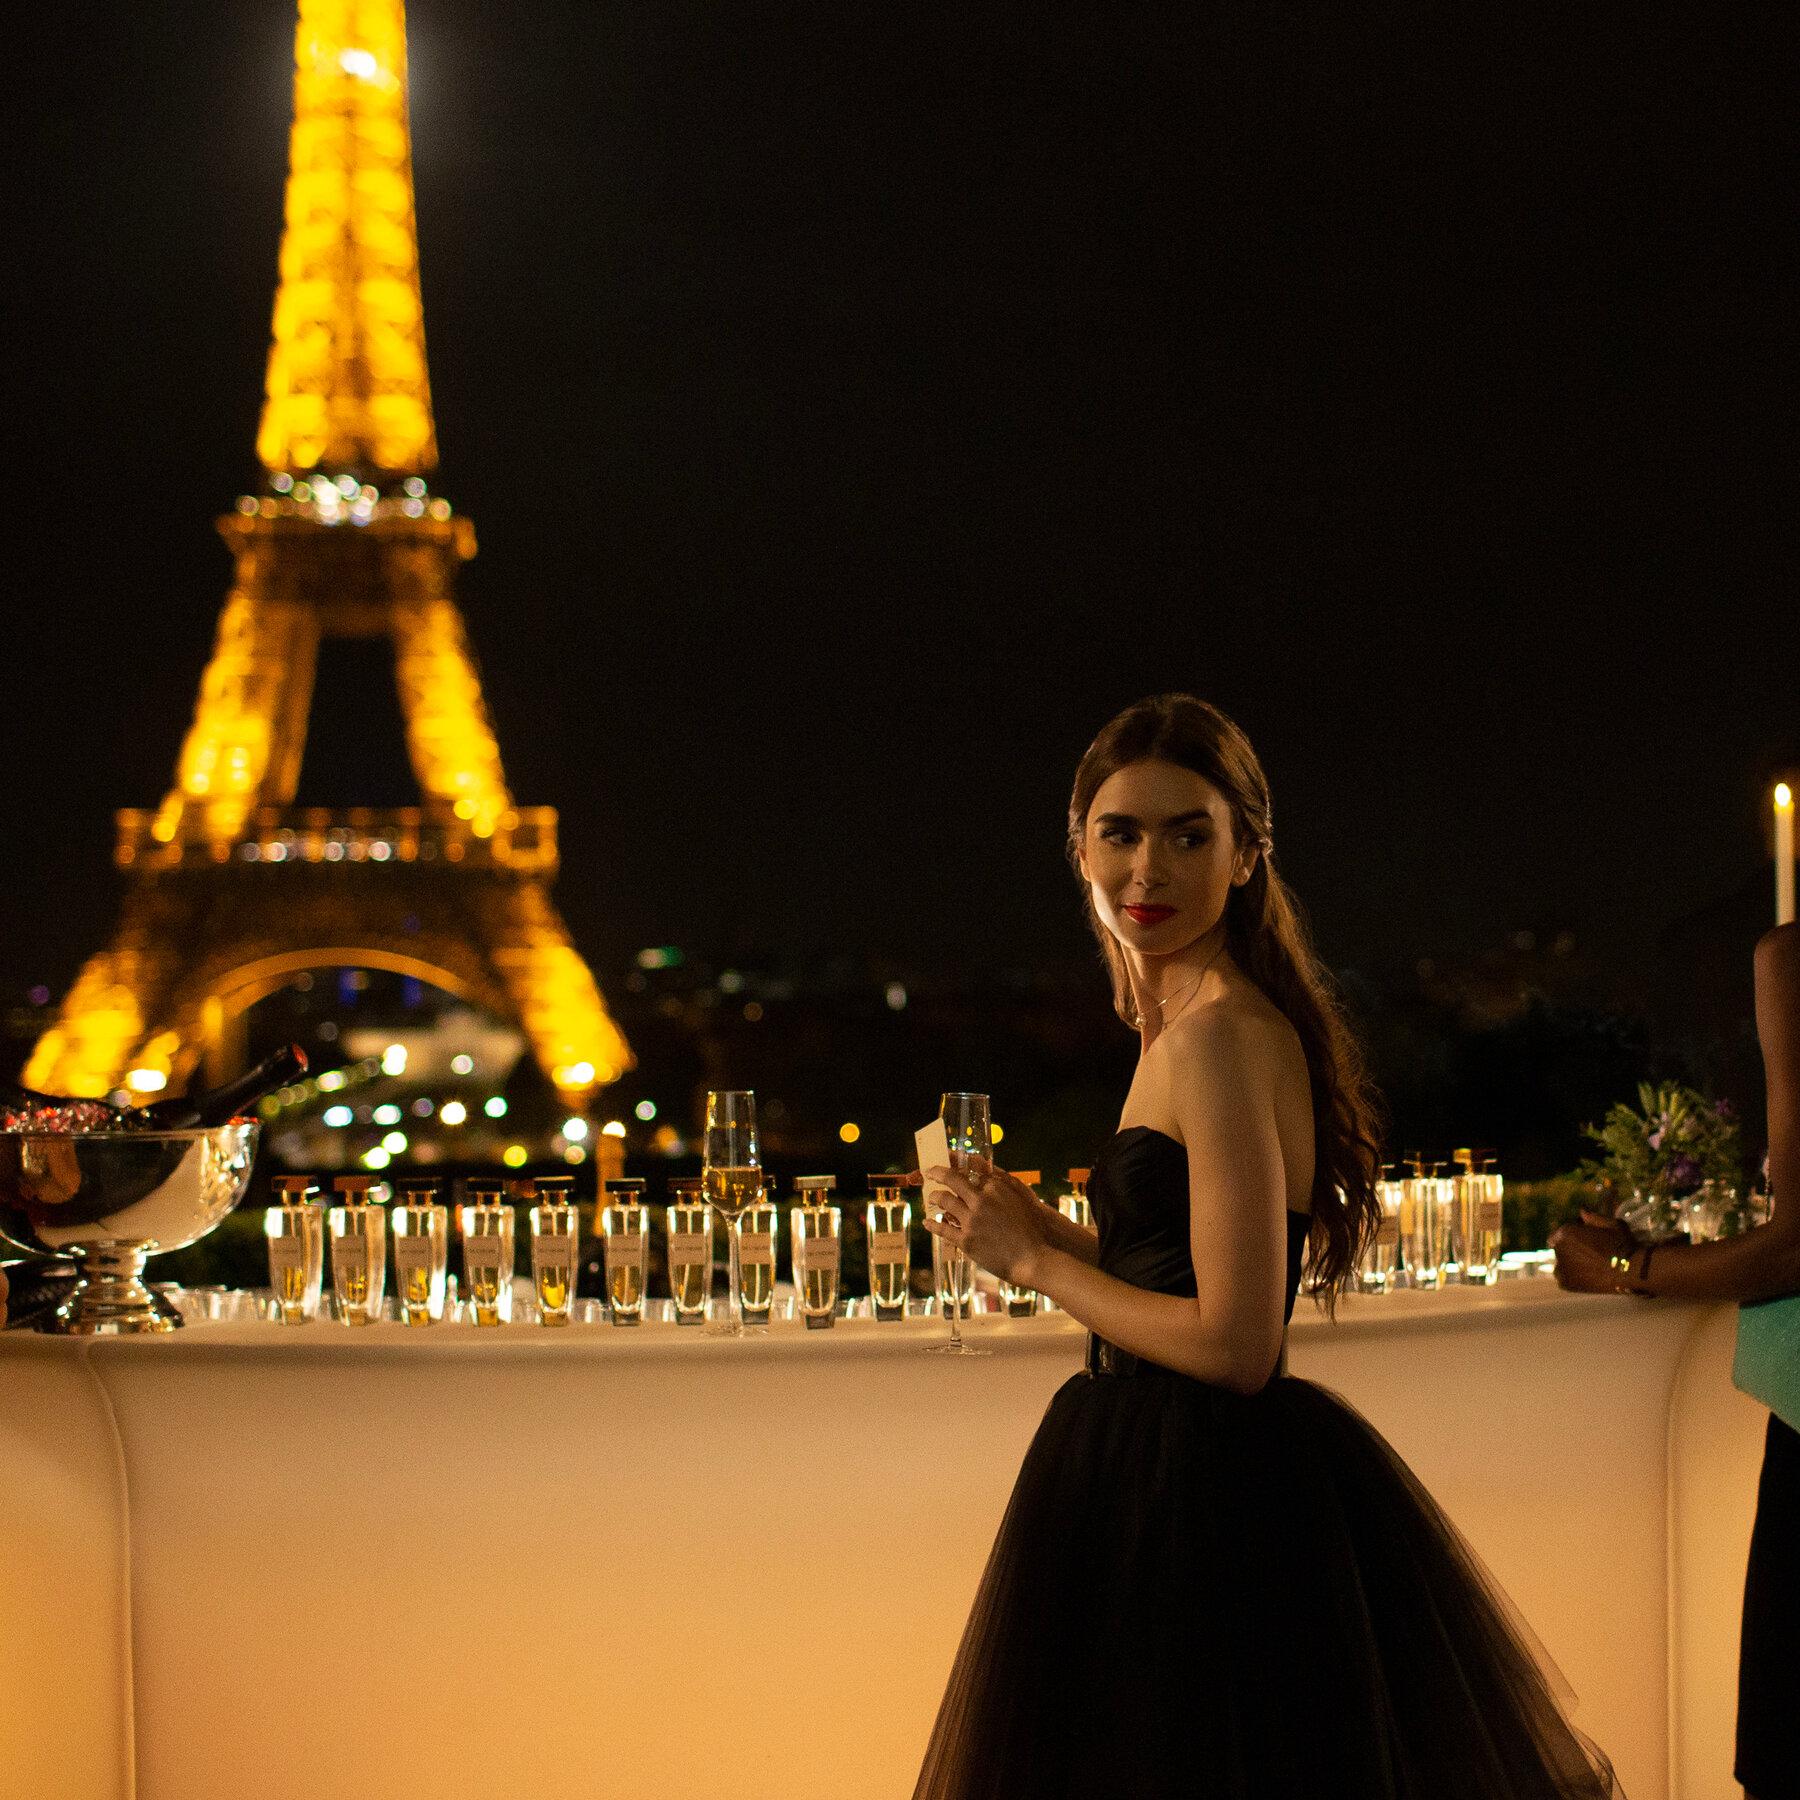 Nữ chính trong bộ phim Emily in Paris đang gây sốt với vẻ đẹp hút hồn.